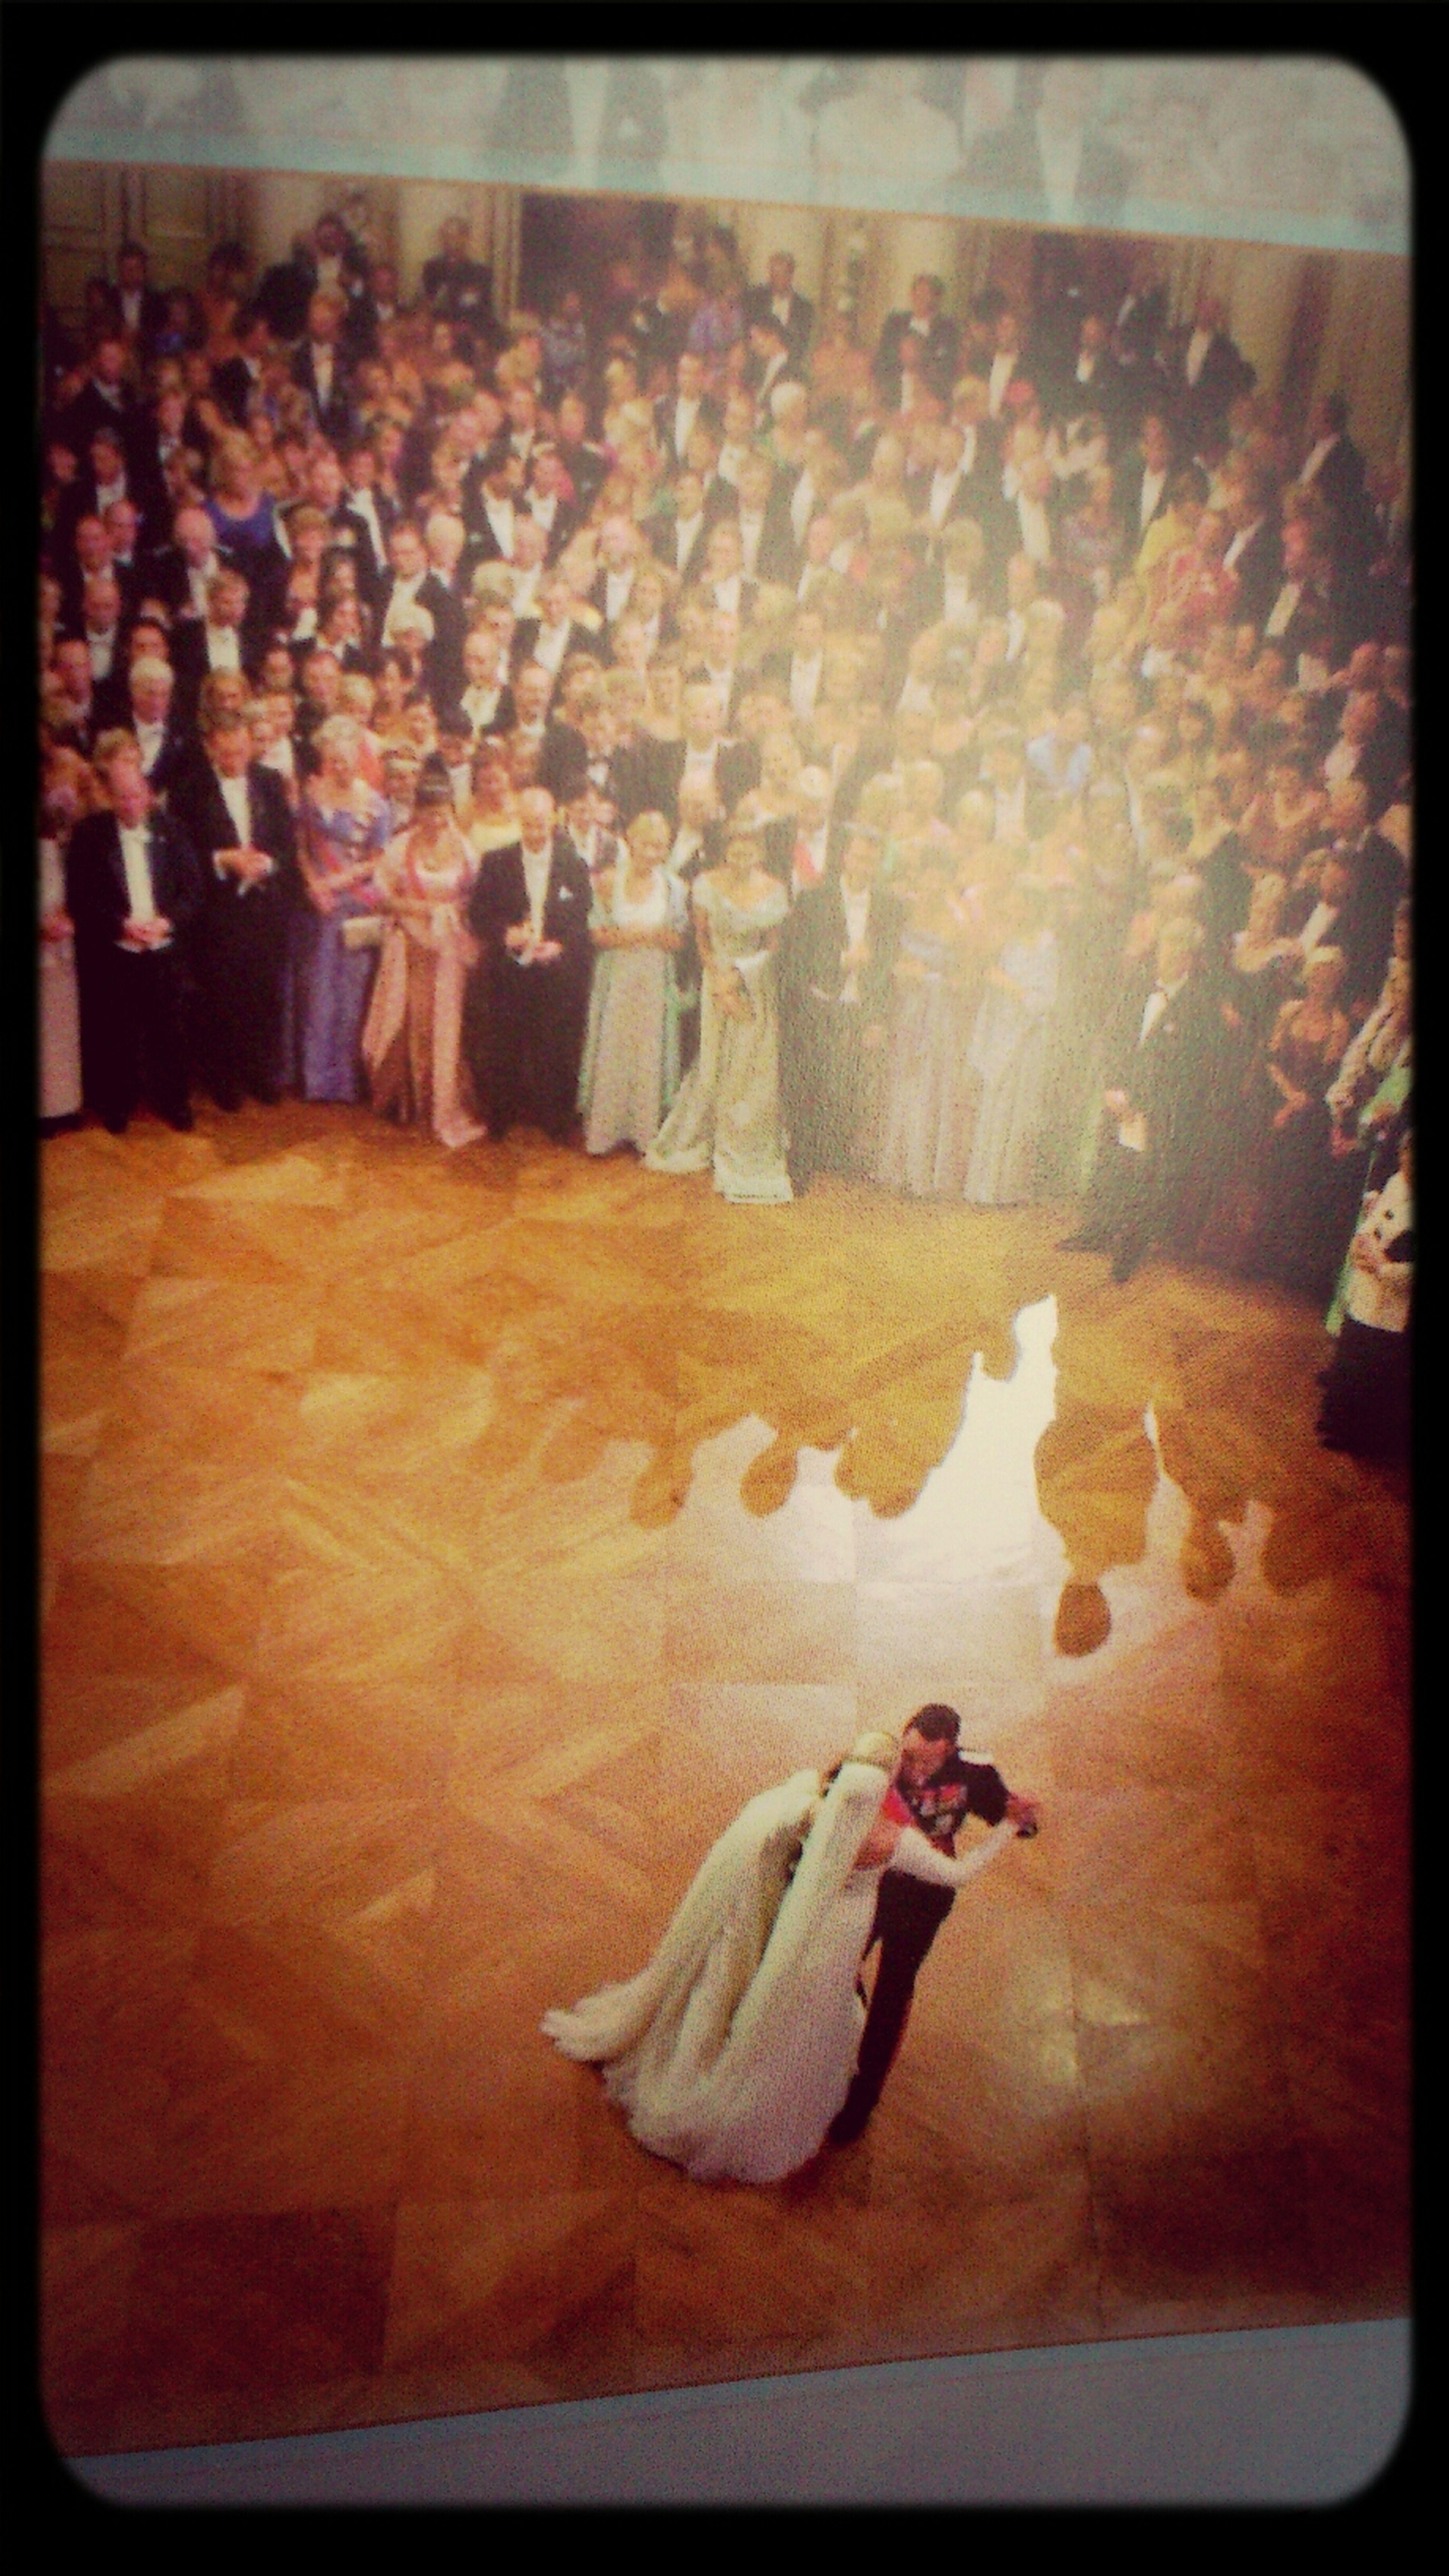 Kronprinsbryllupet fant sted I år 2001. Bryllupet ble viet stor oppmerksomhet og interesse verden over.